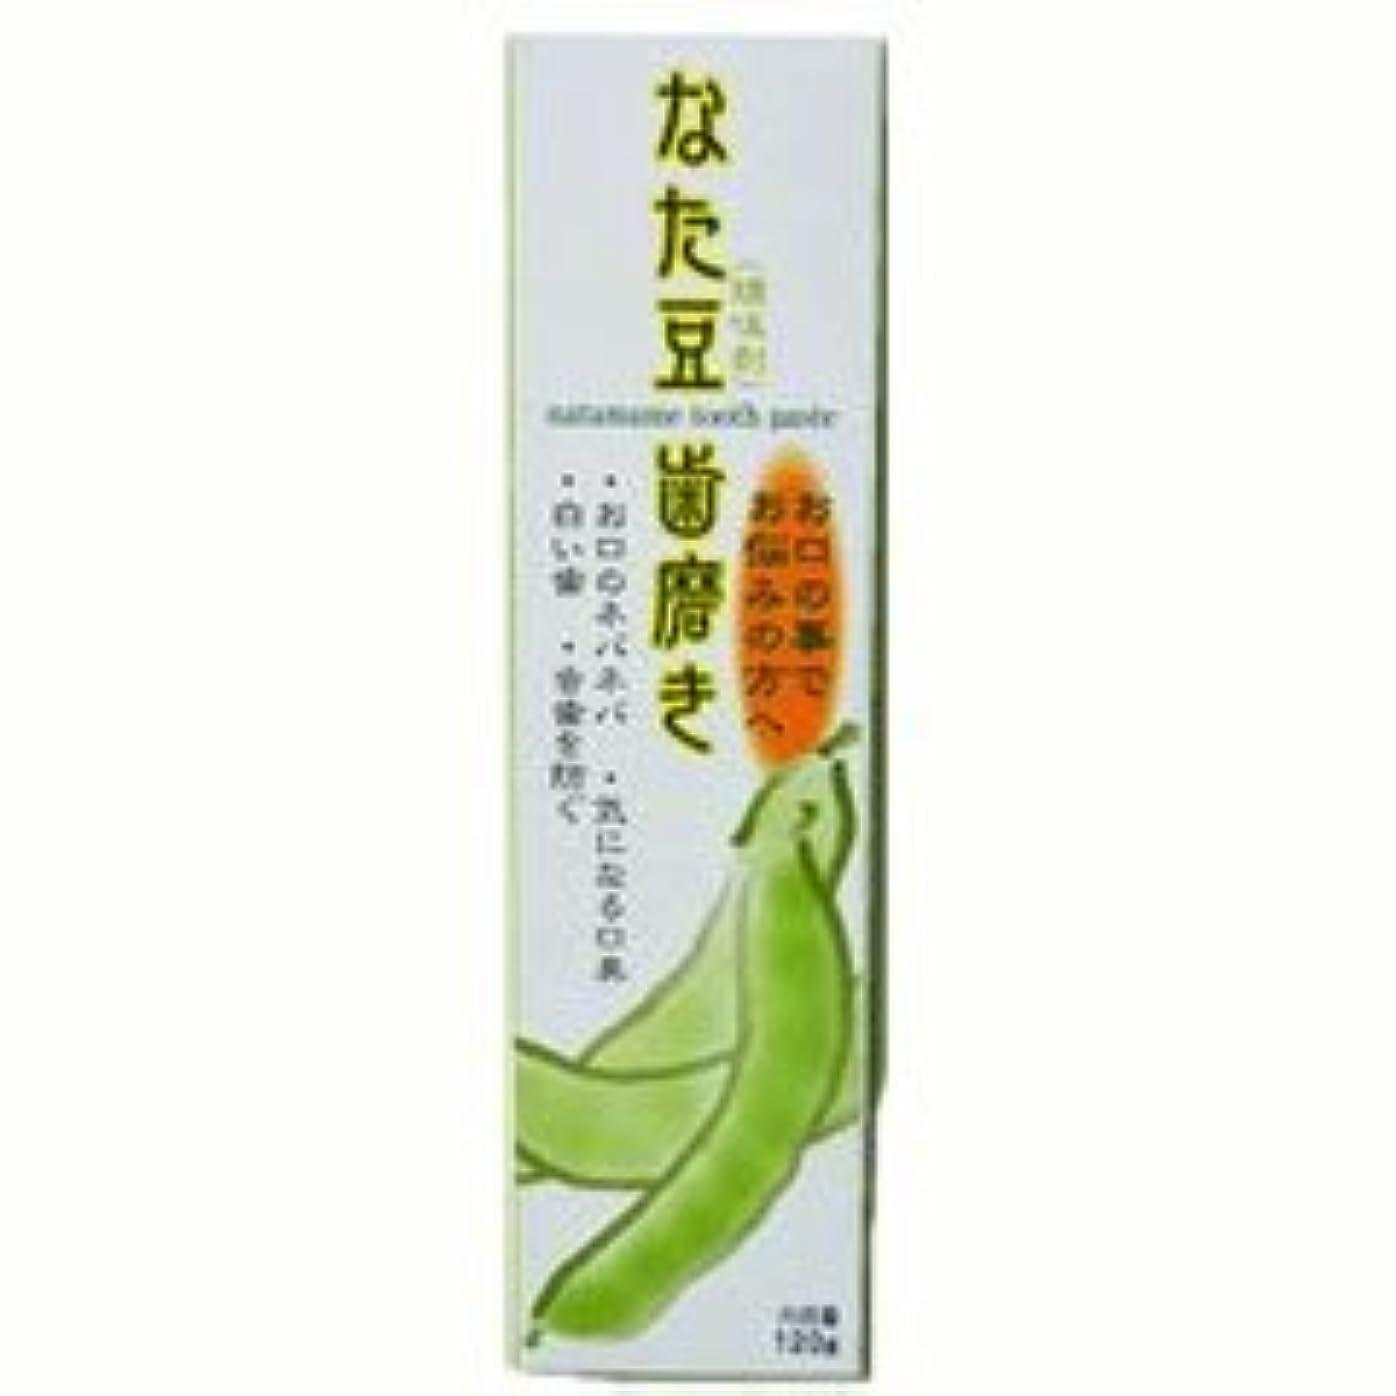 レッスンテスピアンピカソ【モルゲンロート】なた豆歯磨き 120g